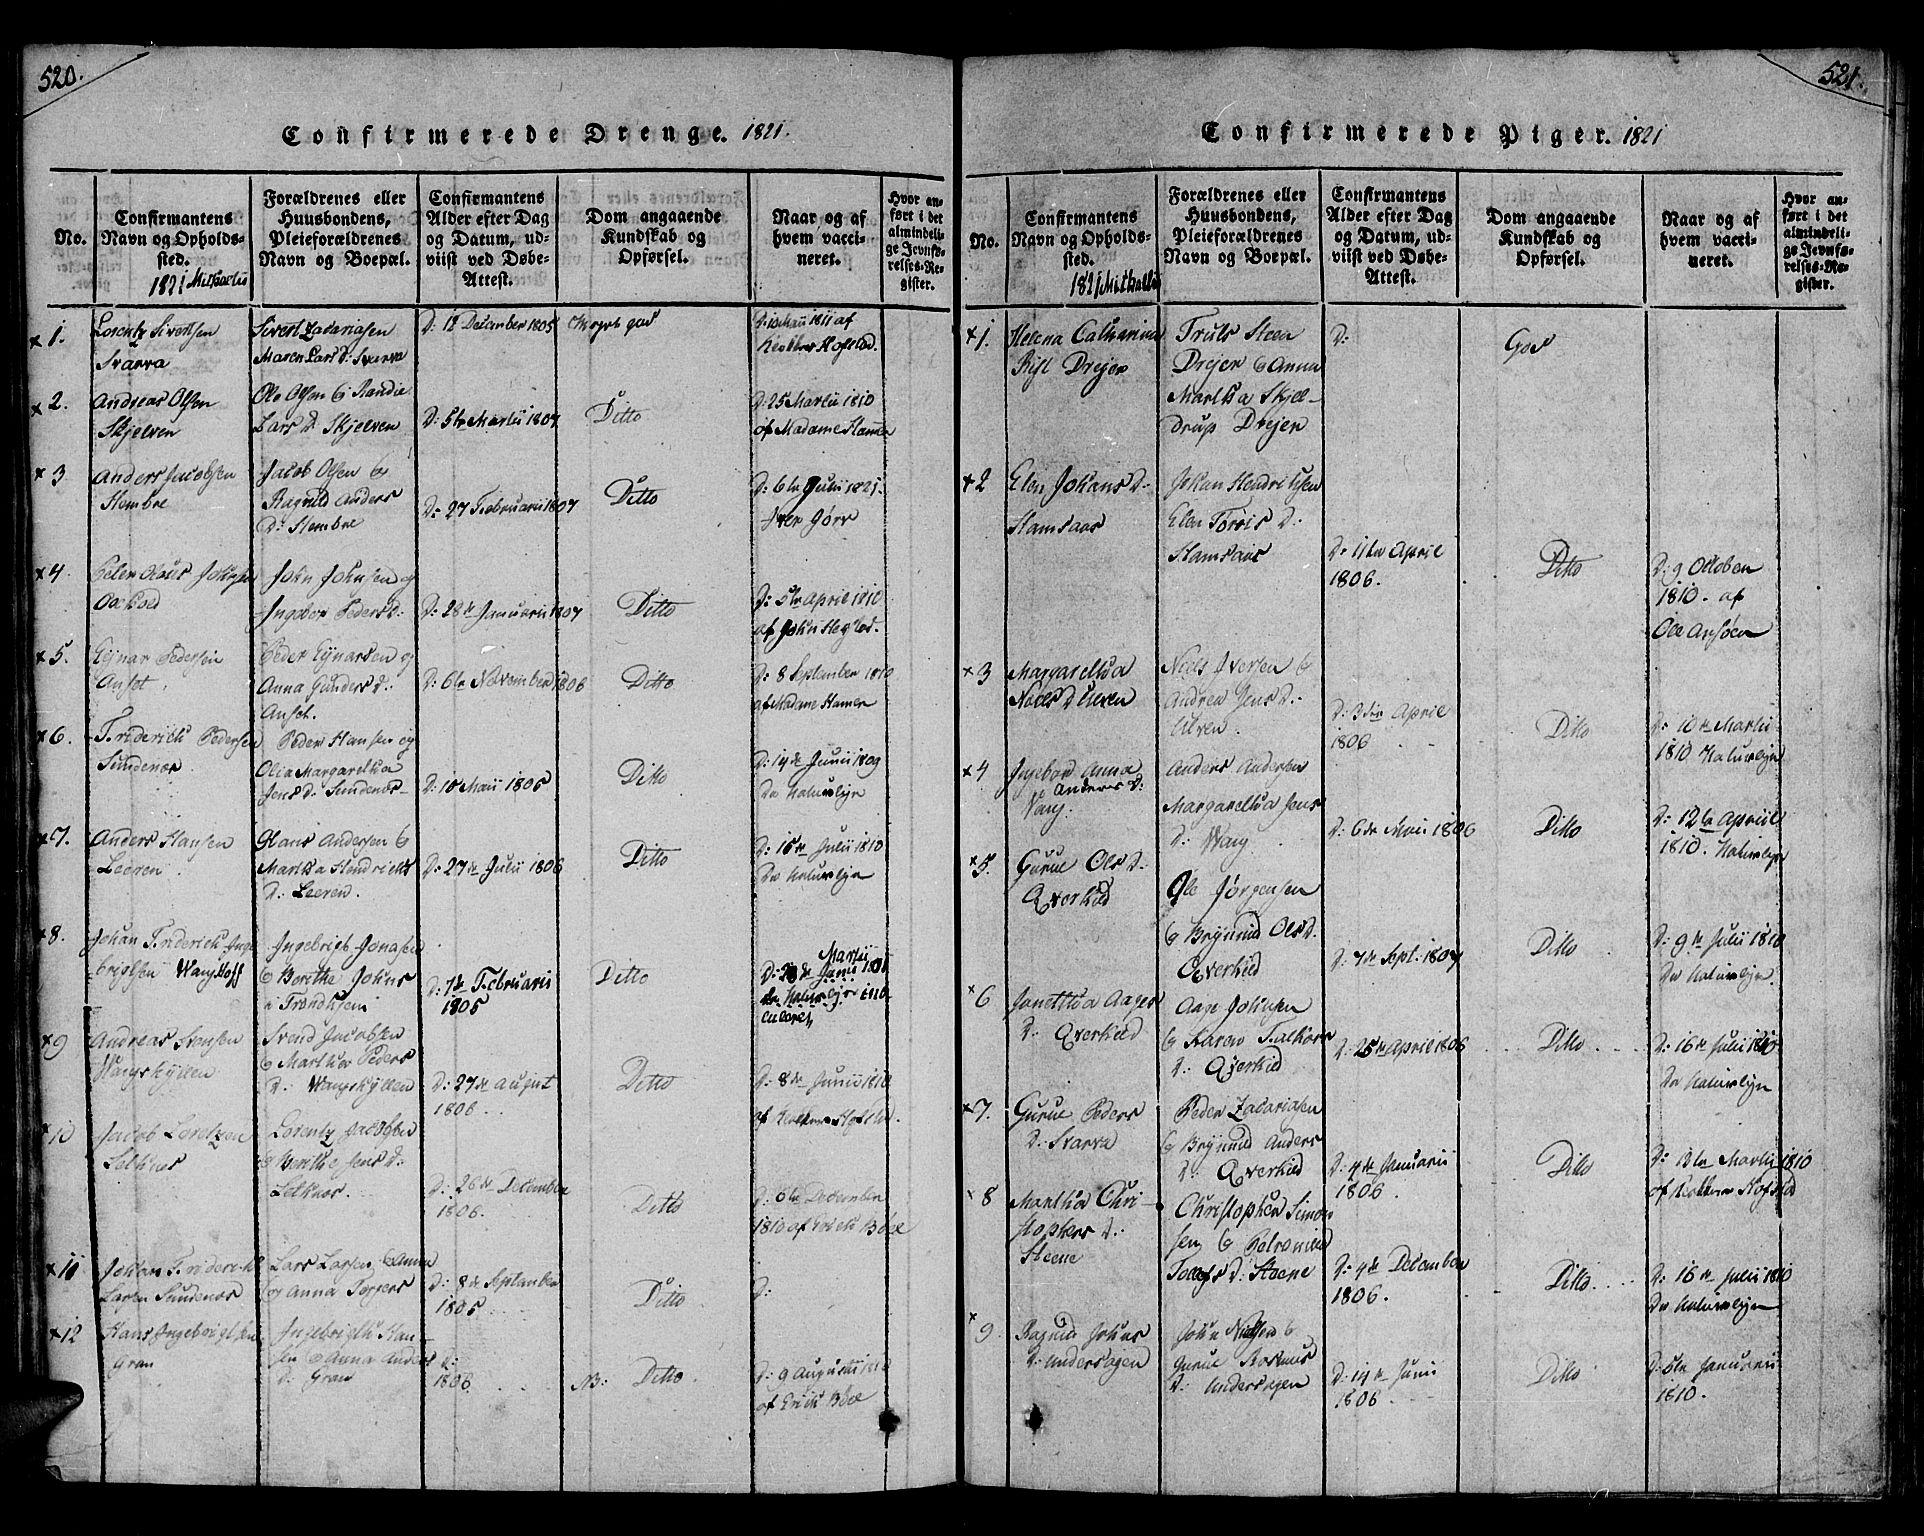 SAT, Ministerialprotokoller, klokkerbøker og fødselsregistre - Nord-Trøndelag, 730/L0275: Ministerialbok nr. 730A04, 1816-1822, s. 520-521